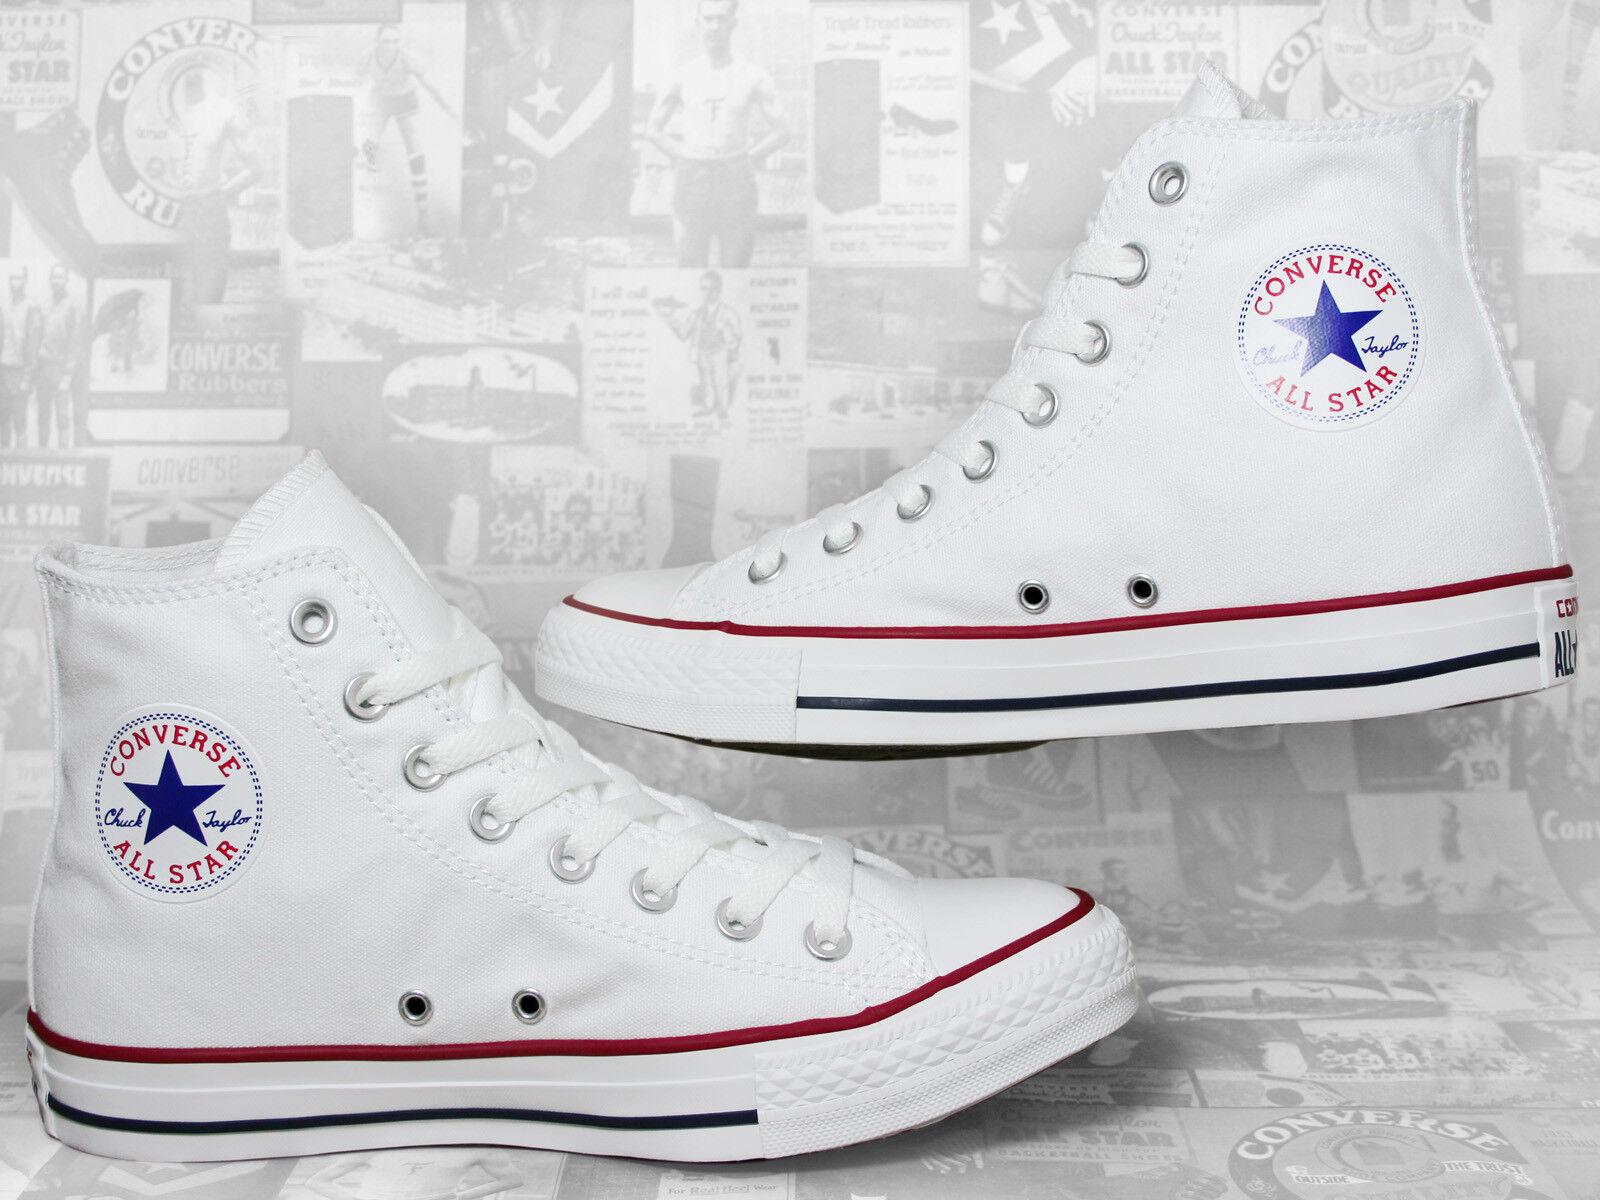 Converse Chuck Taylor Bll Star Chucks Hi Optical White / Weiß M7650C Sneaker